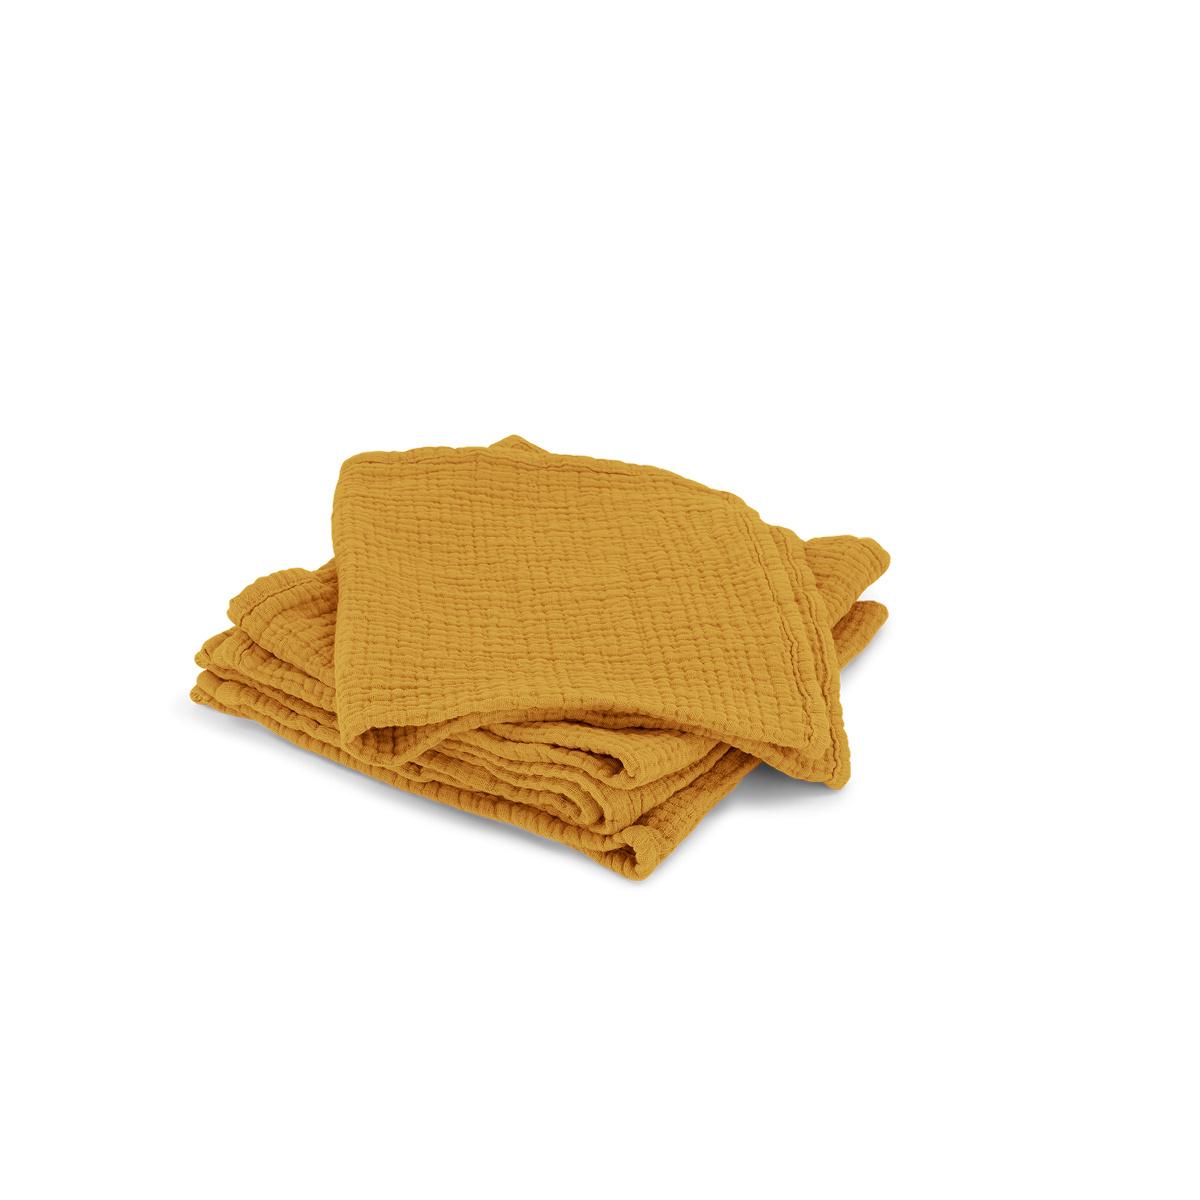 Set of 4 Allegra Towels in Mustard Cotton Gauze